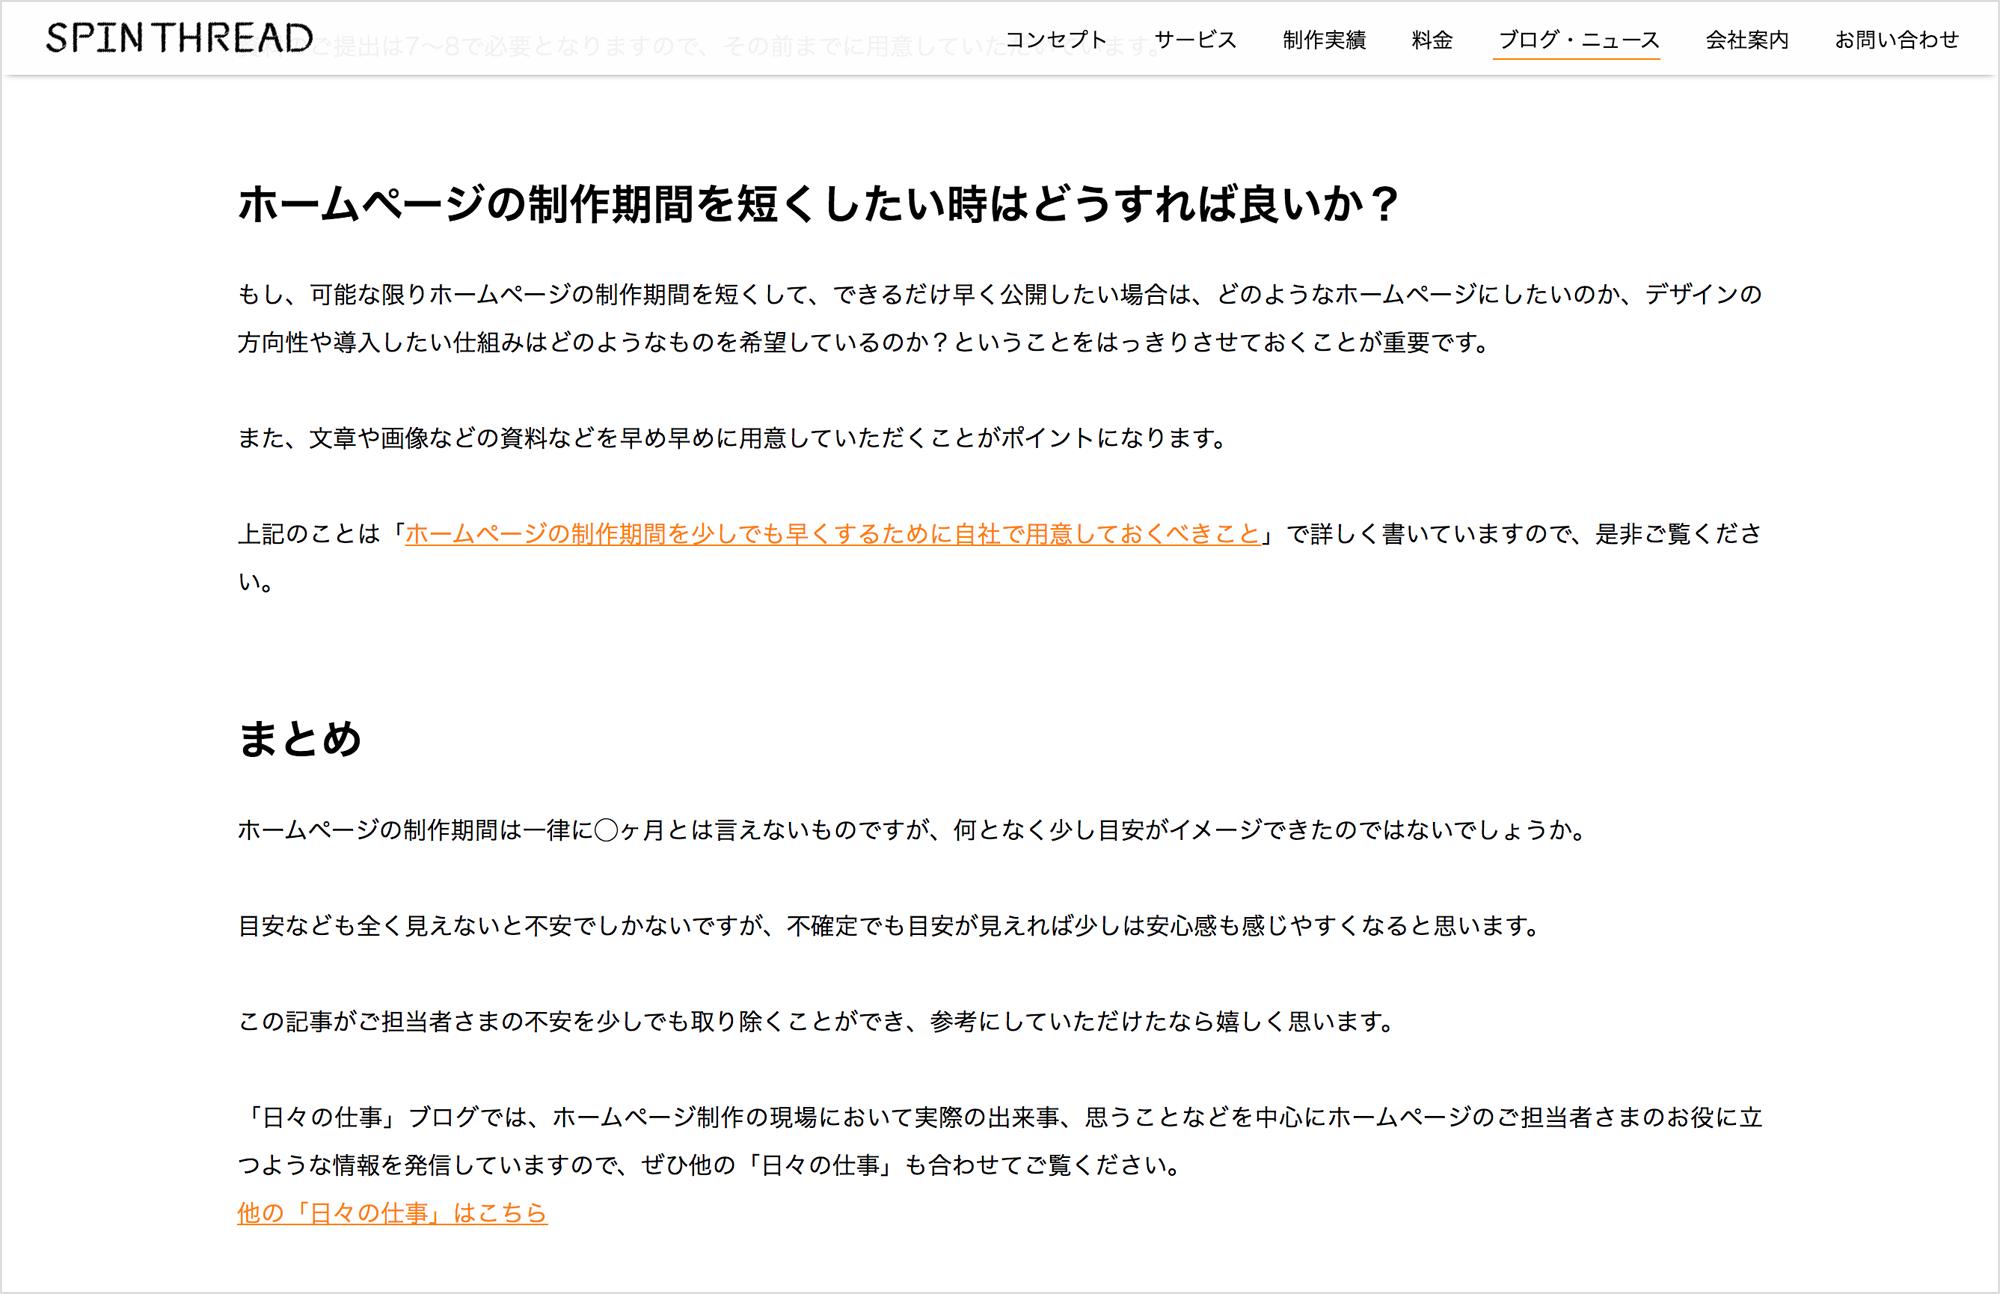 テキストリンクがオレンジのブログ画像